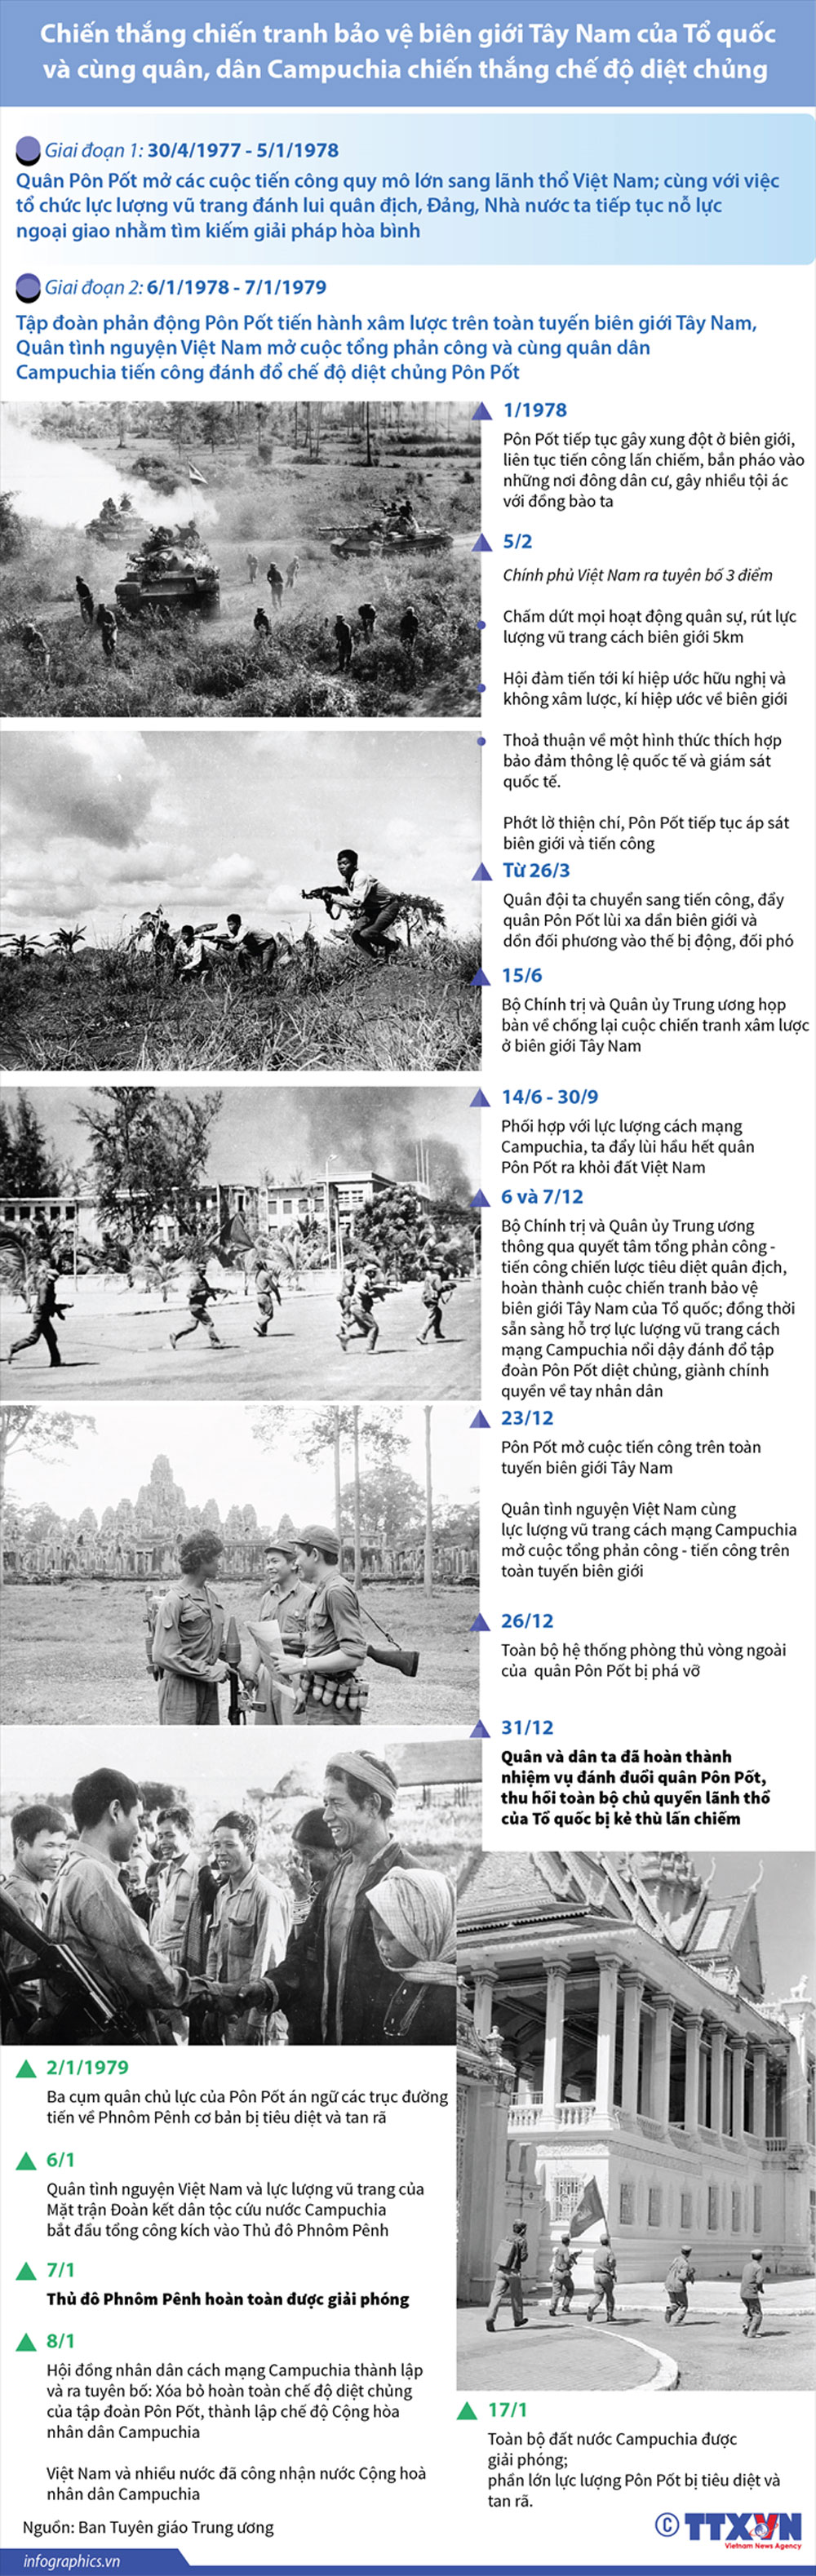 Chiến thắng chiến tranh bảo vệ biên giới Tây Nam, Campuchia, chiến thắng chế độ diệt chủng